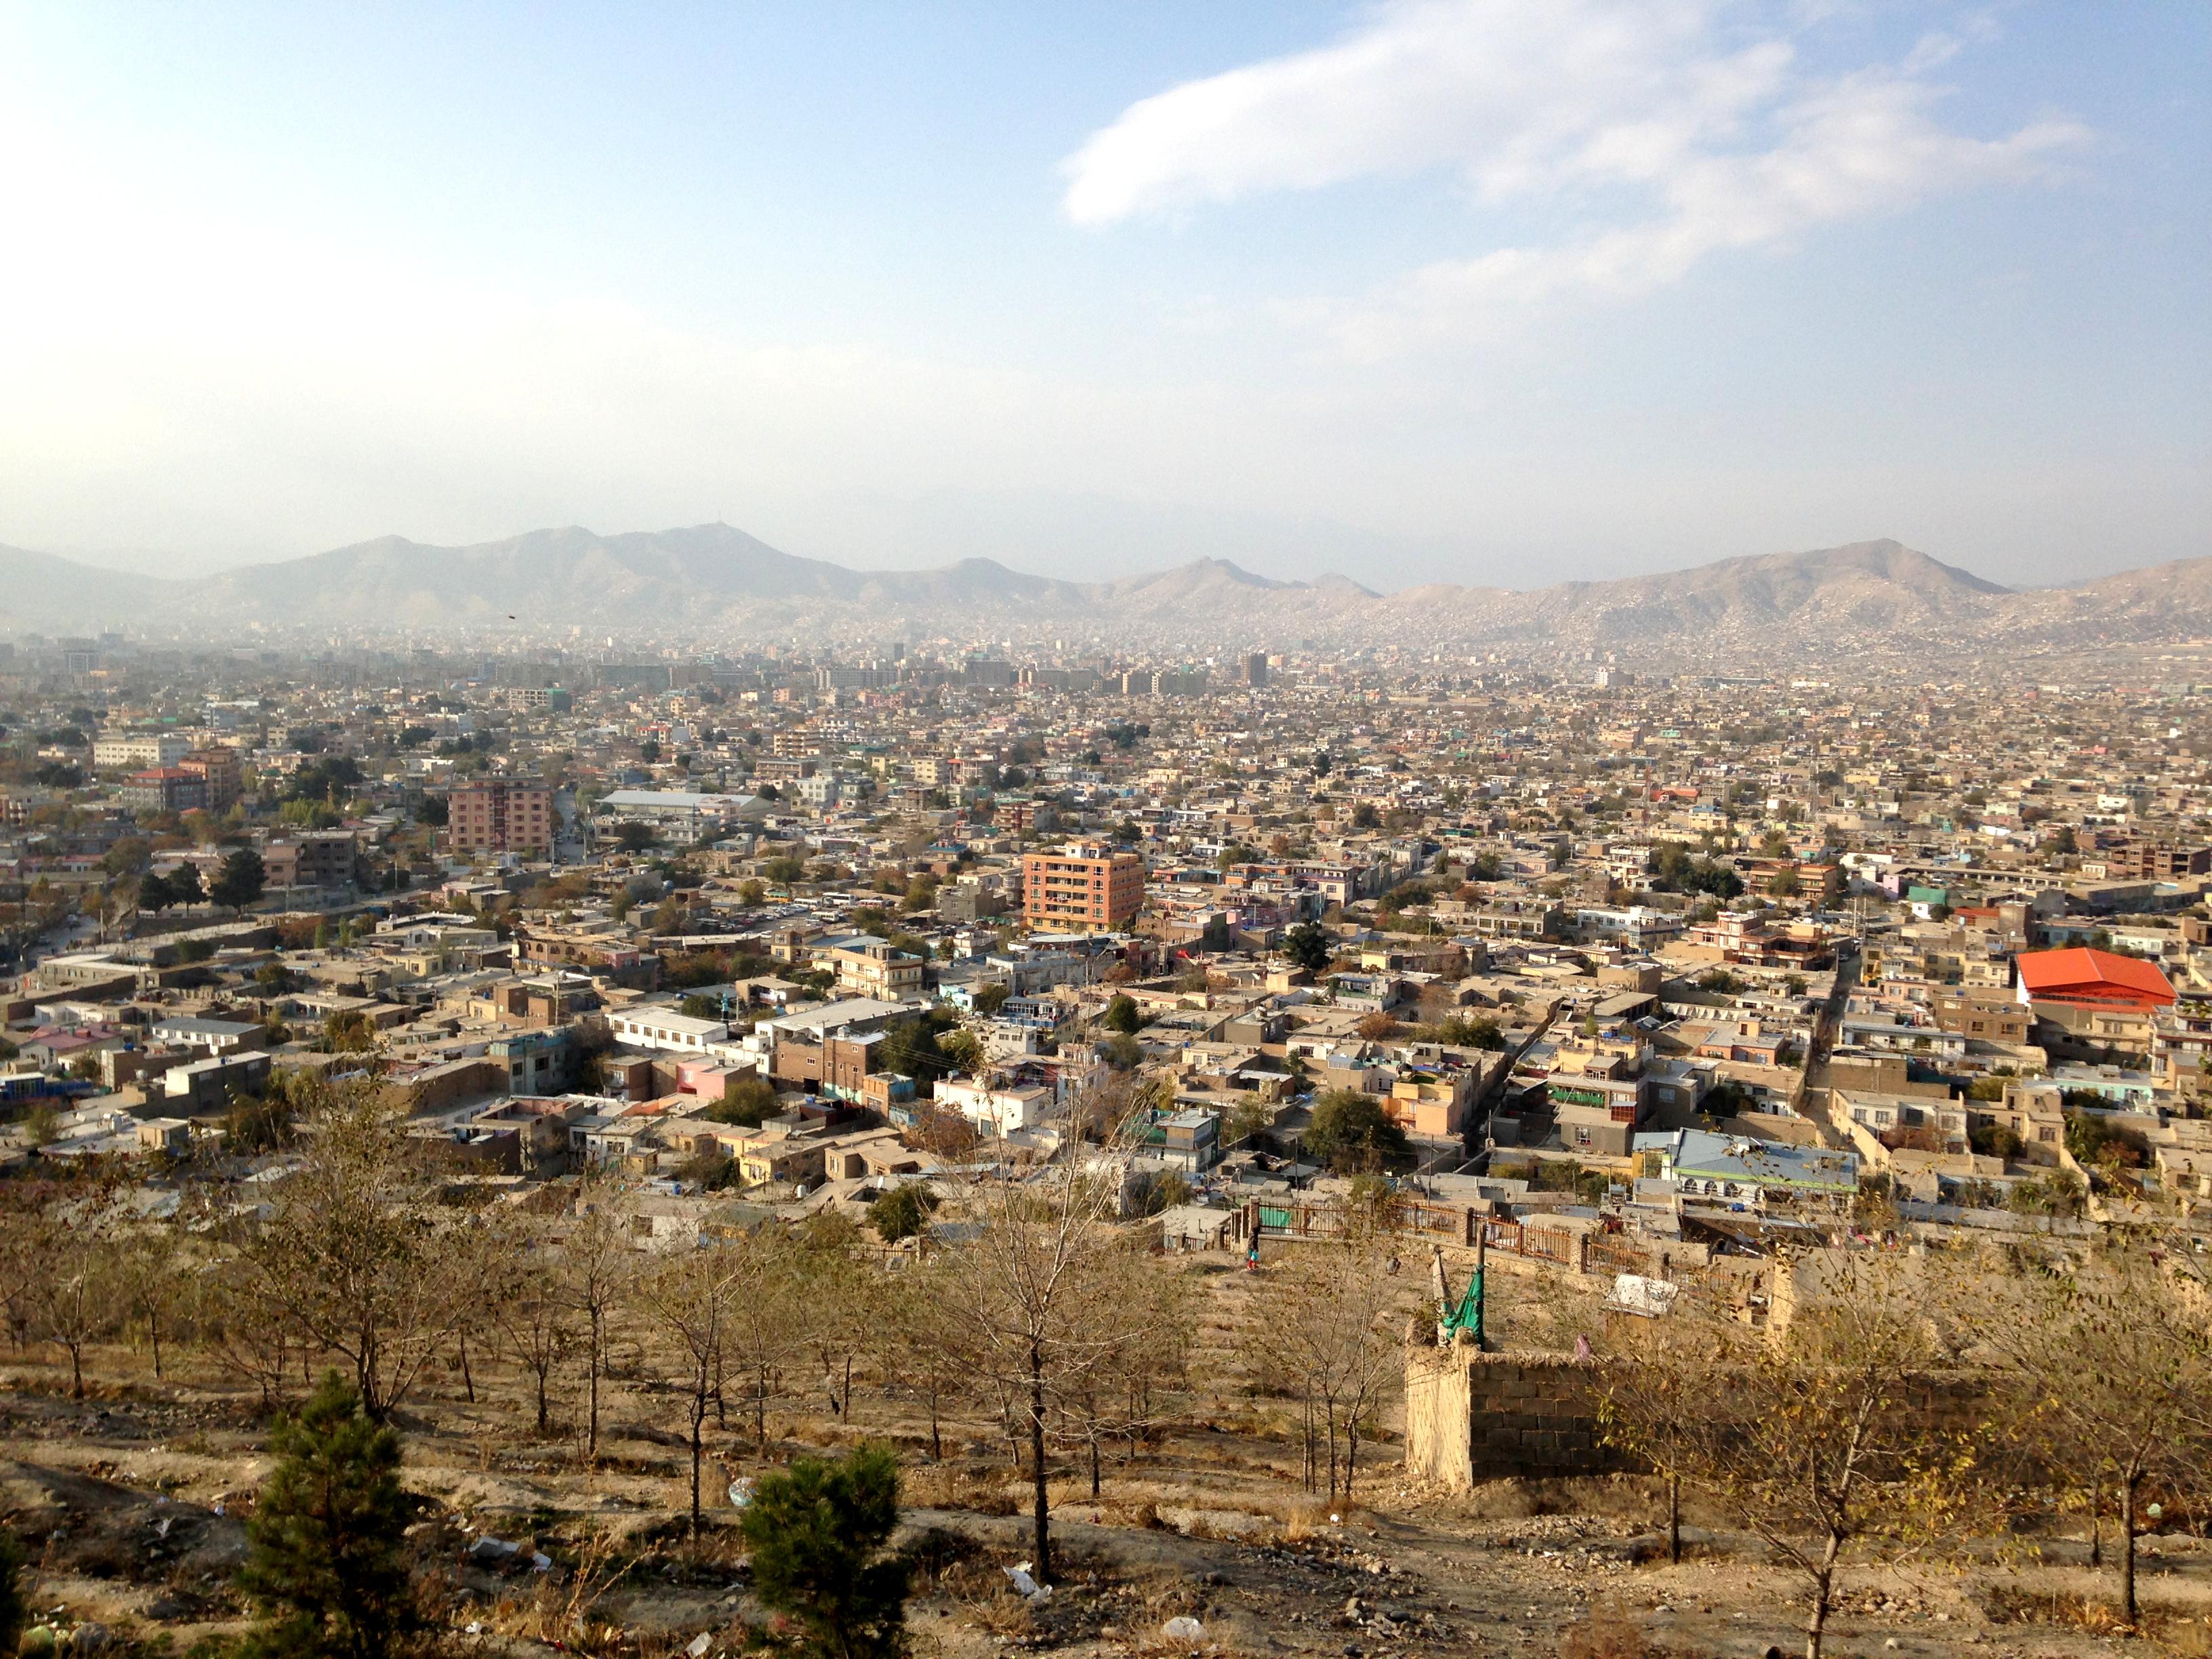 Covid-19 : malgré la pandémie, le Geres reste mobilisé et préoccupé par la crise socio-économique en Afghanistan